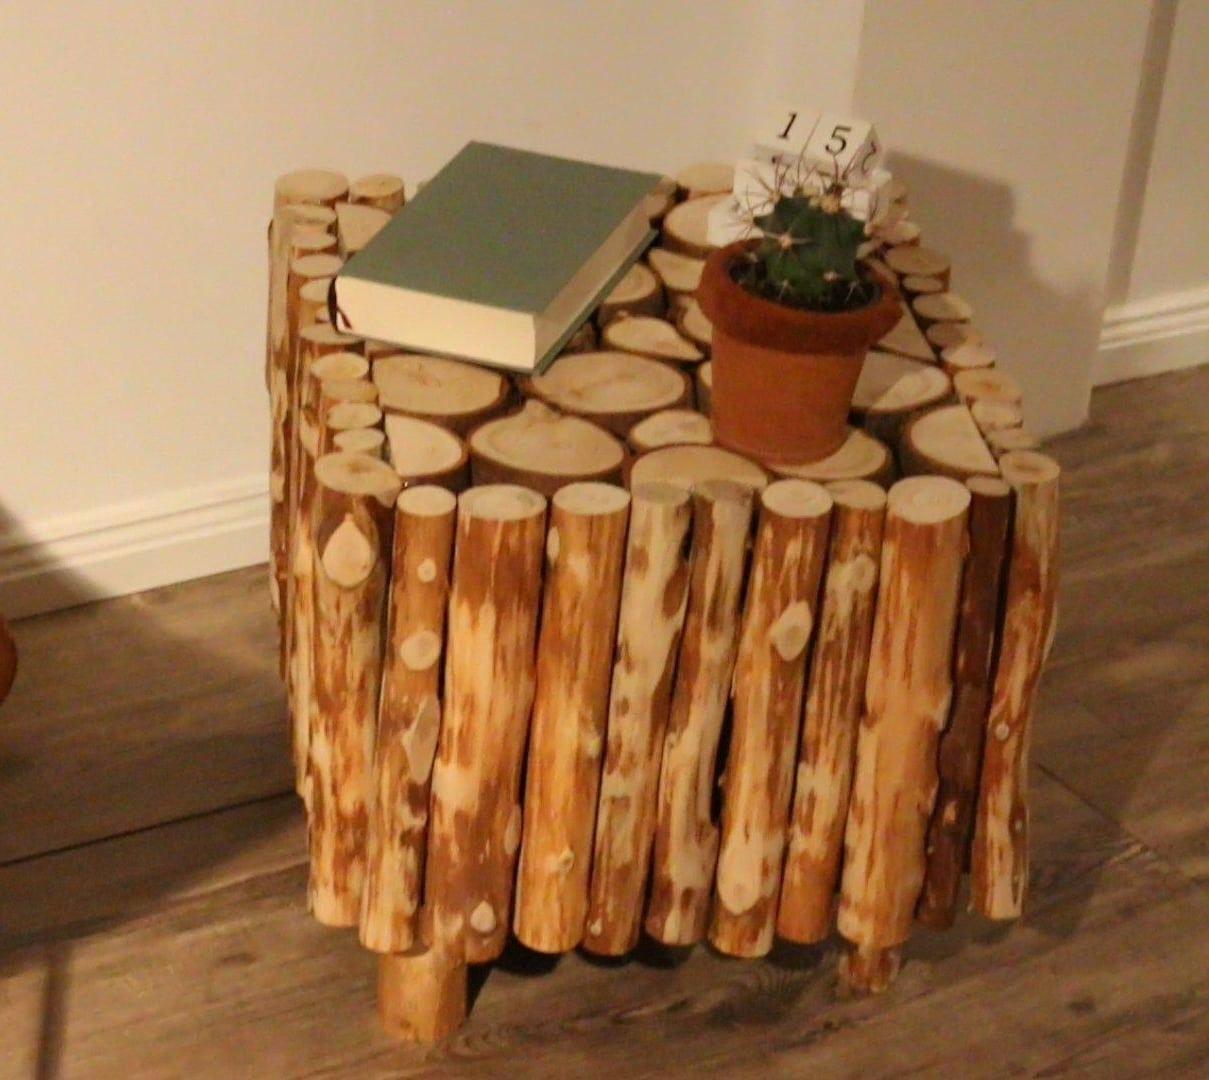 beistelltisch selber bauen diy 1 diy einfach selber. Black Bedroom Furniture Sets. Home Design Ideas